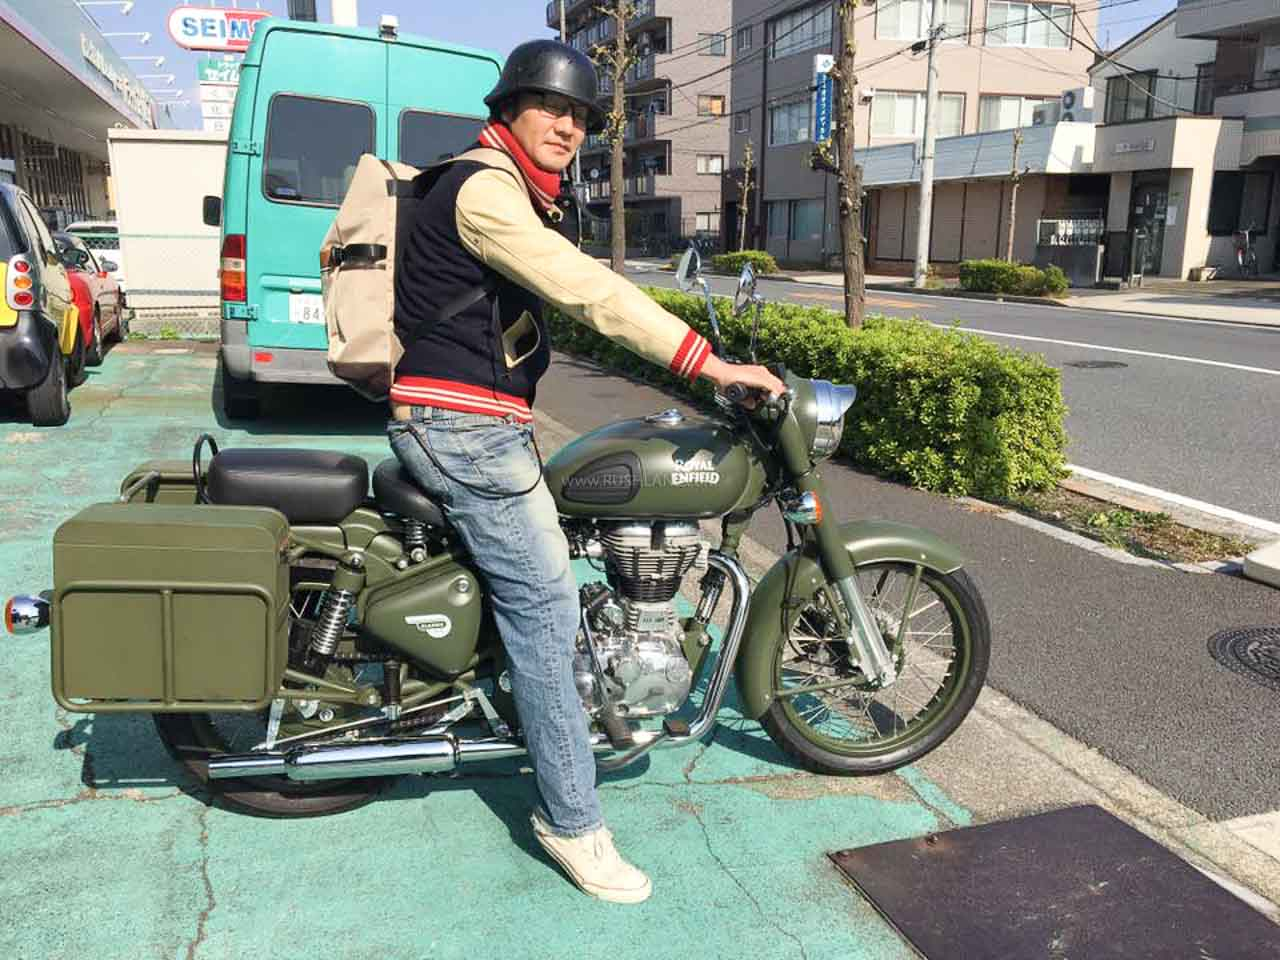 Royal Enfield Japan